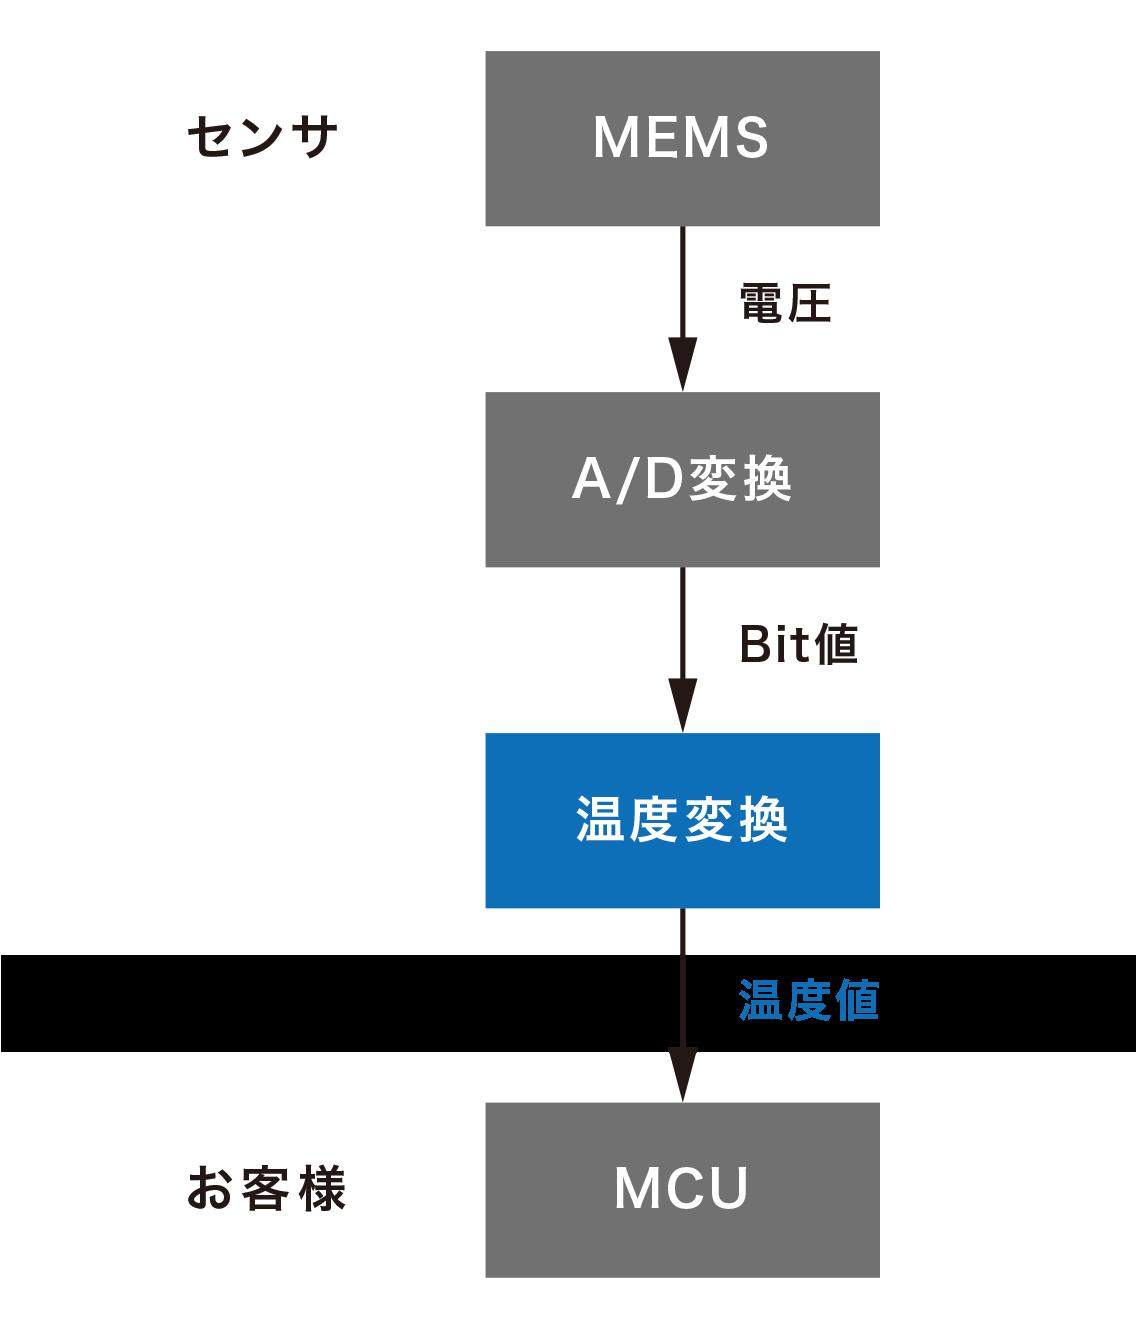 センサ MEMS→(電圧)→A/D変換→(Bit値)→温度変換→(温度値)お客様 MCU